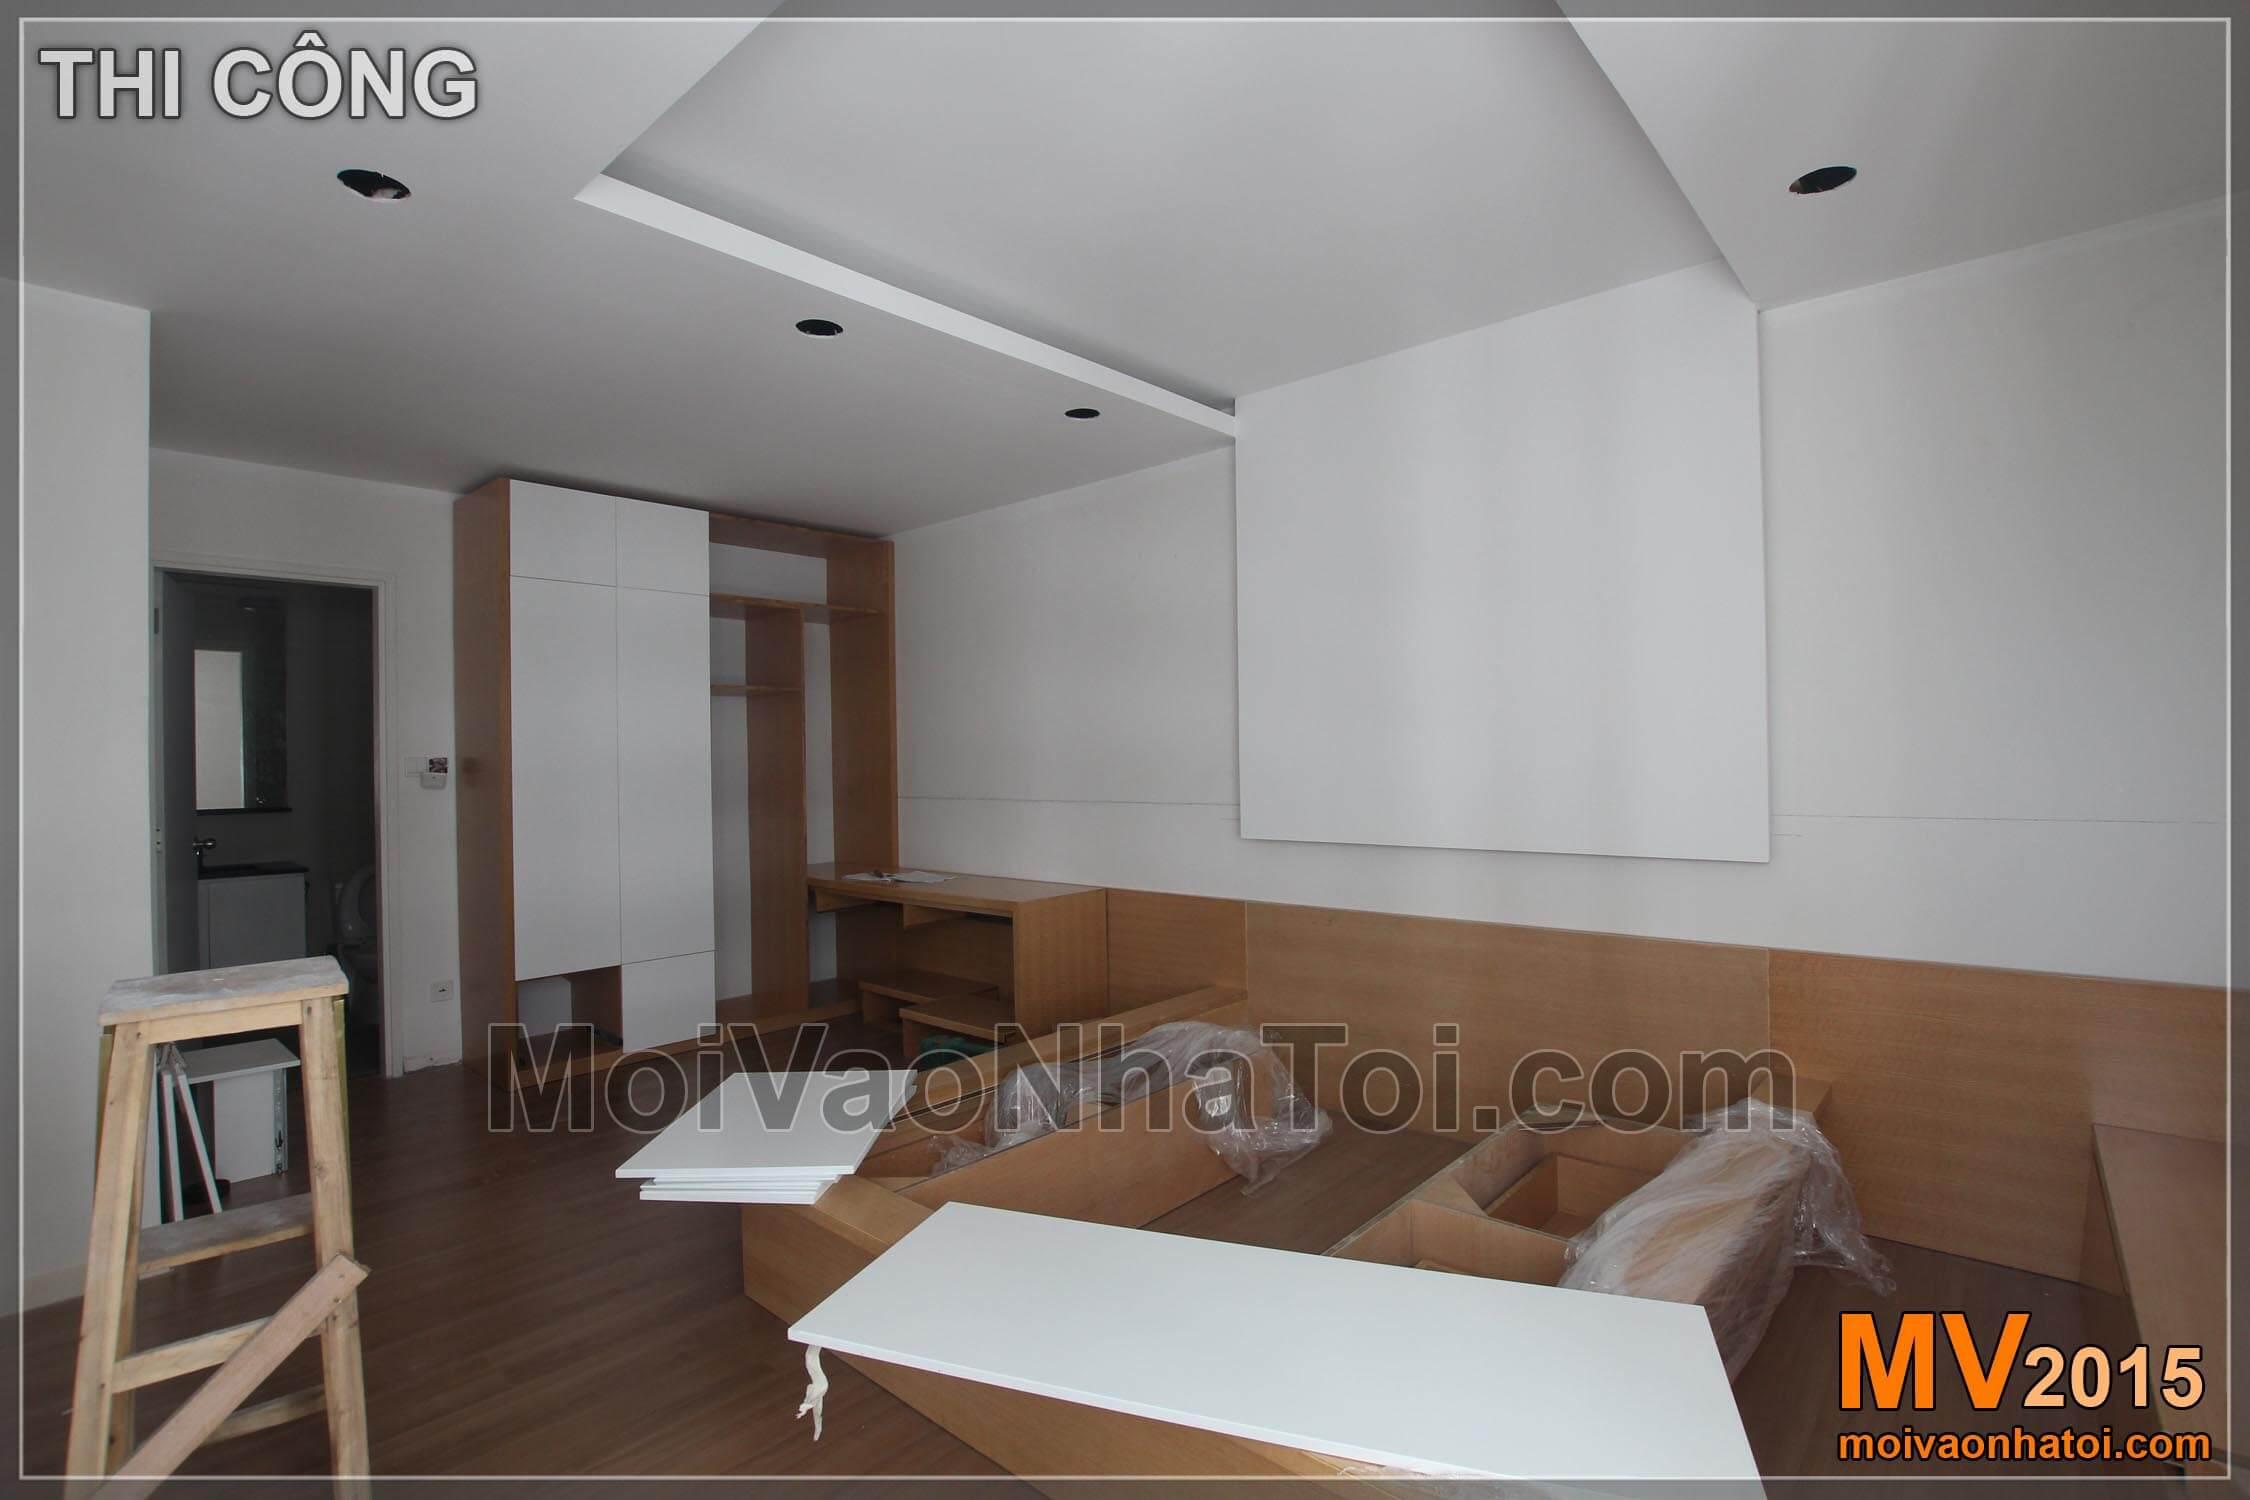 Quá trình lắp đặt đồ gỗ nội thất phòng ngủ